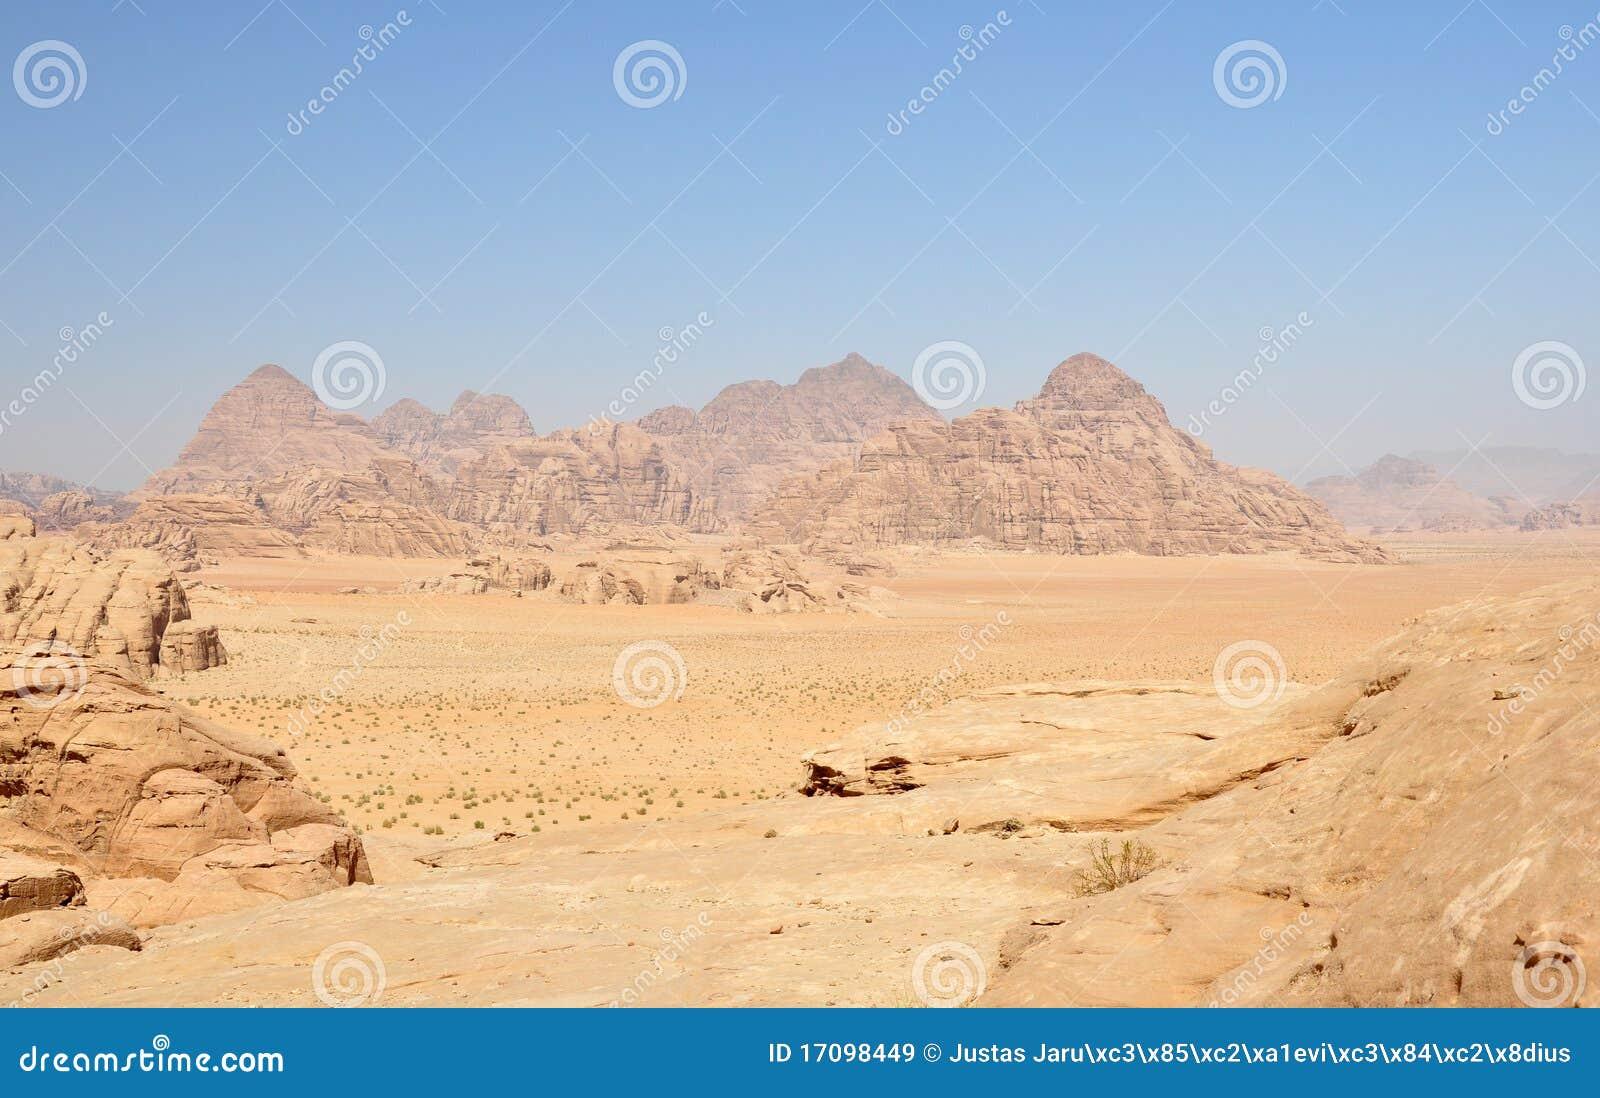 Wadirumwüste